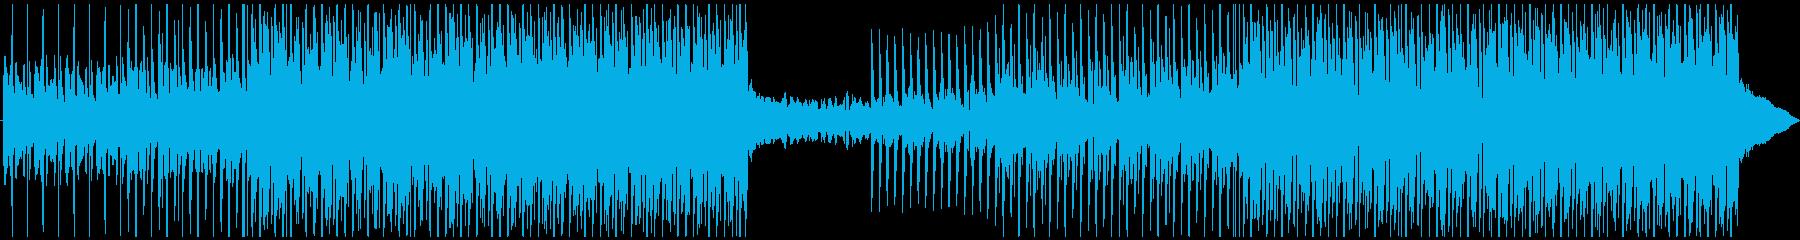 陽気なプロモーションの再生済みの波形